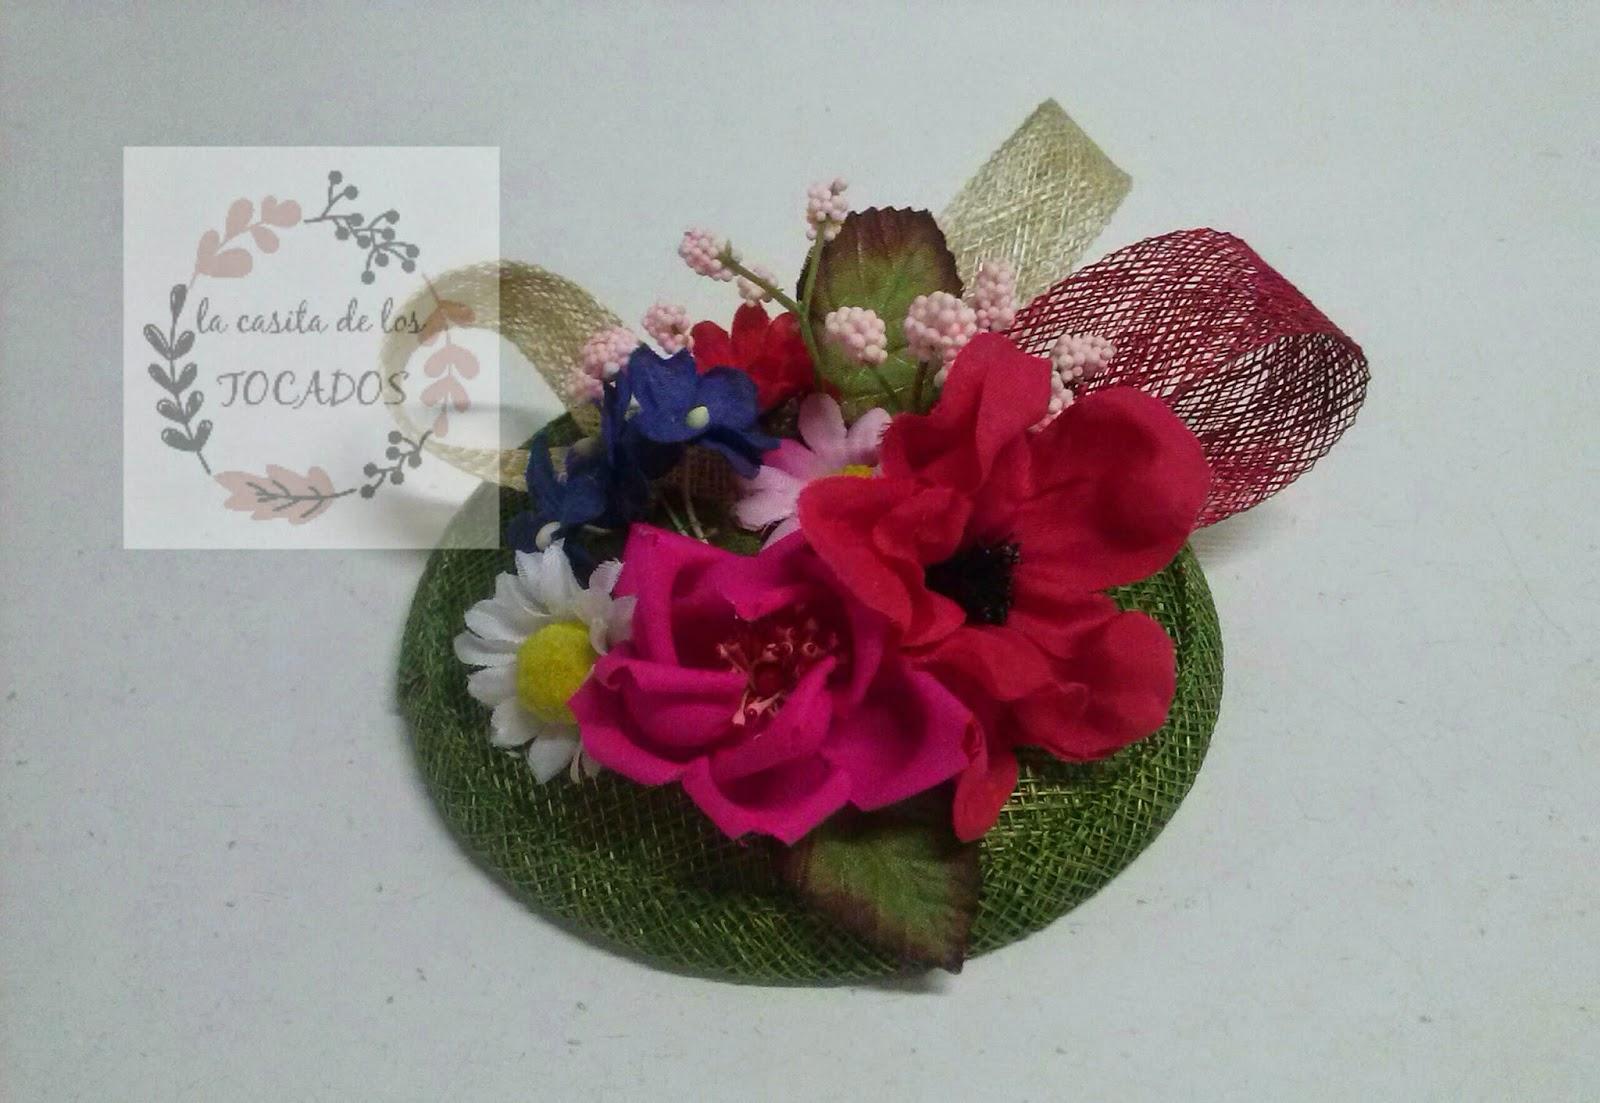 tocado artesanal con base en color verde y flores de colores y tamaños variados para boda